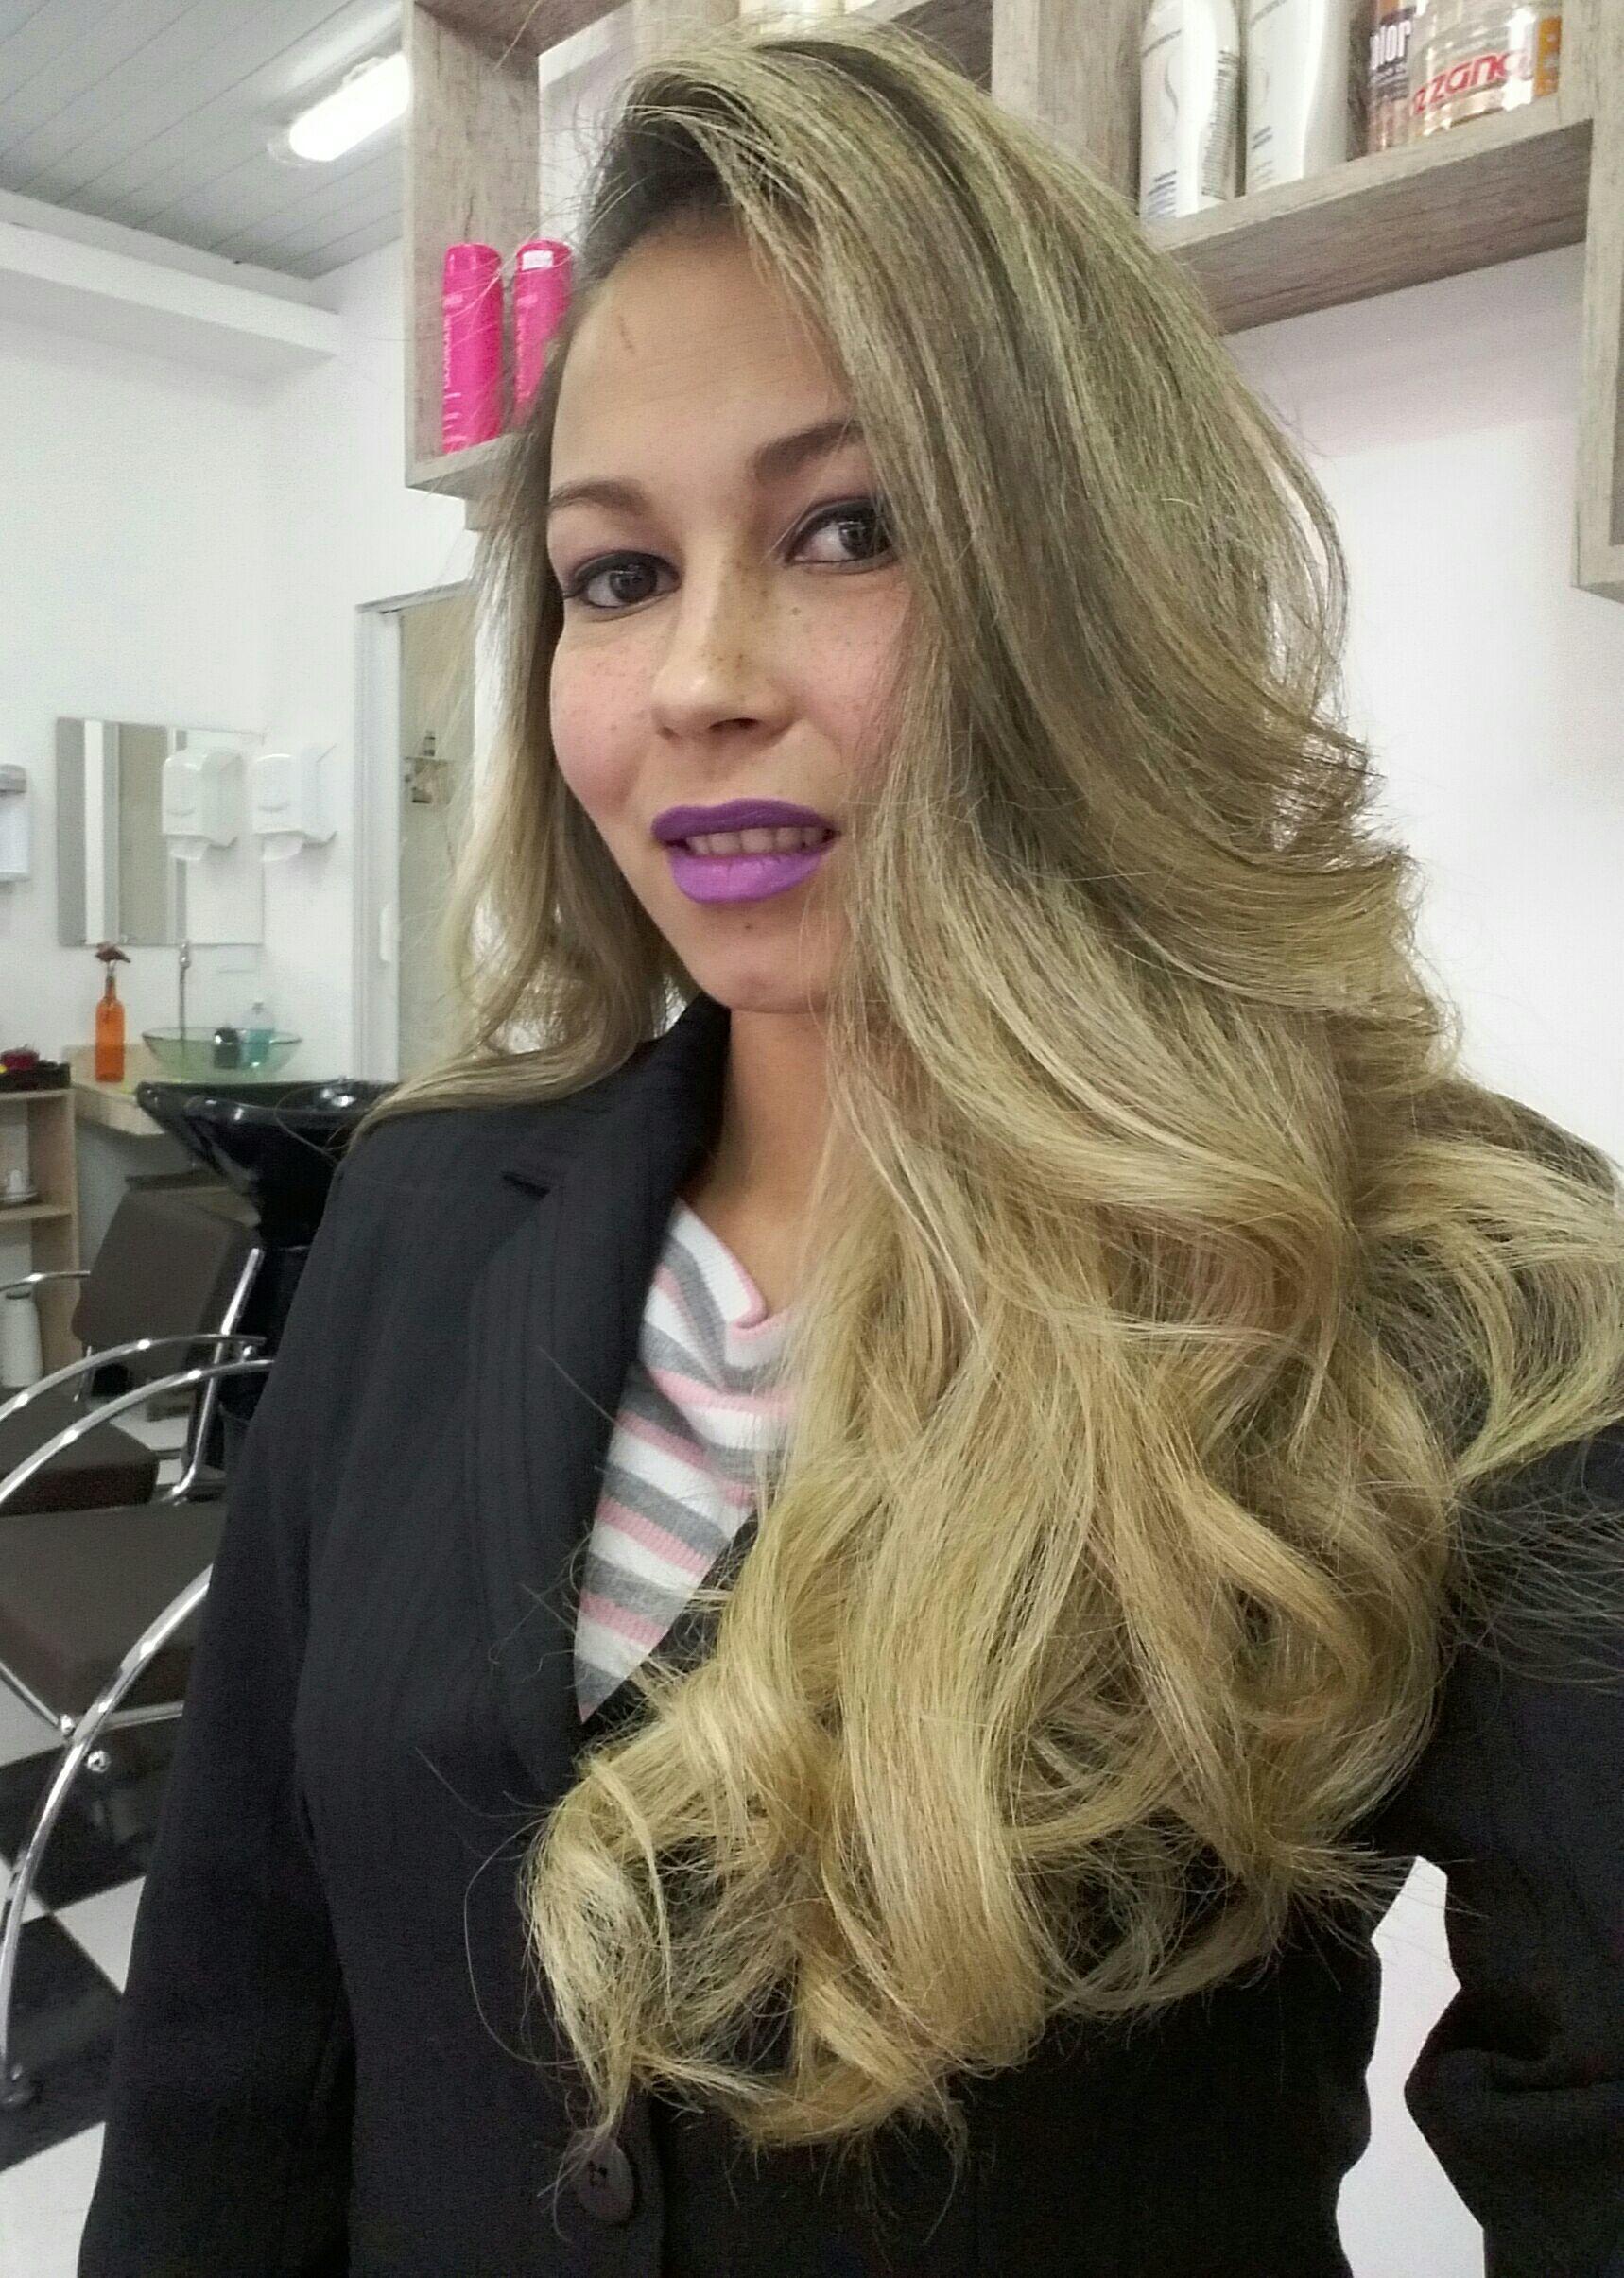 Cabelo escovado. ..Tudo de bom! cabelo cabeleireiro(a)